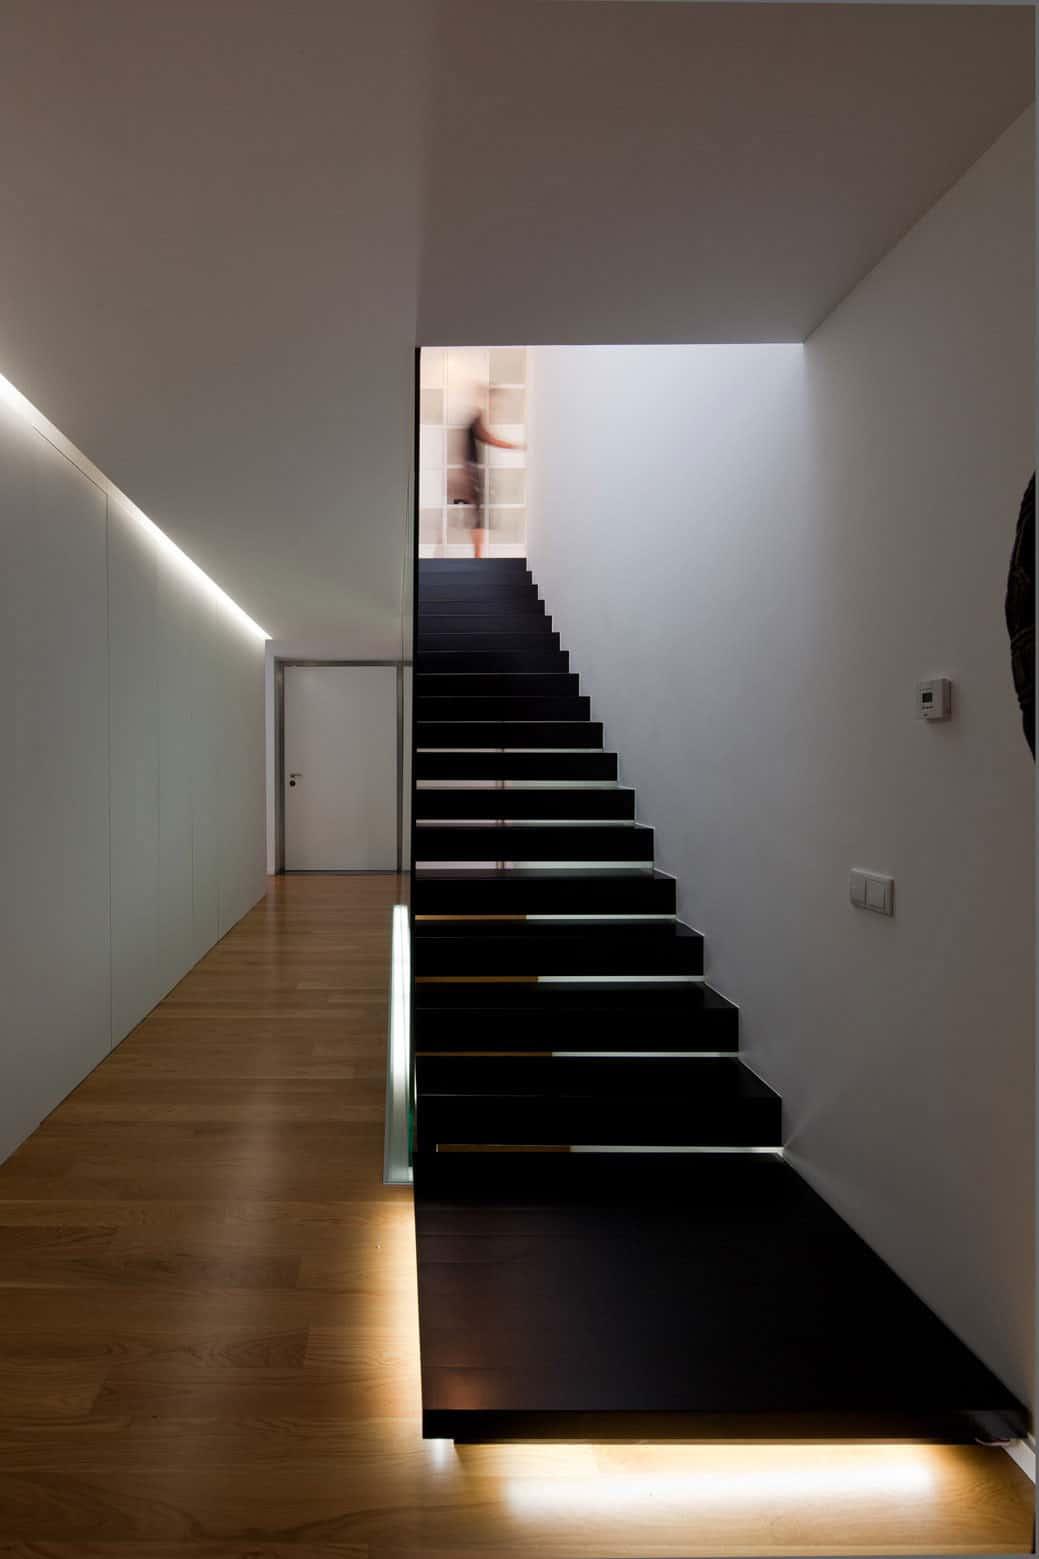 Fábio Coentrão House by António Fernandez Architects (8)